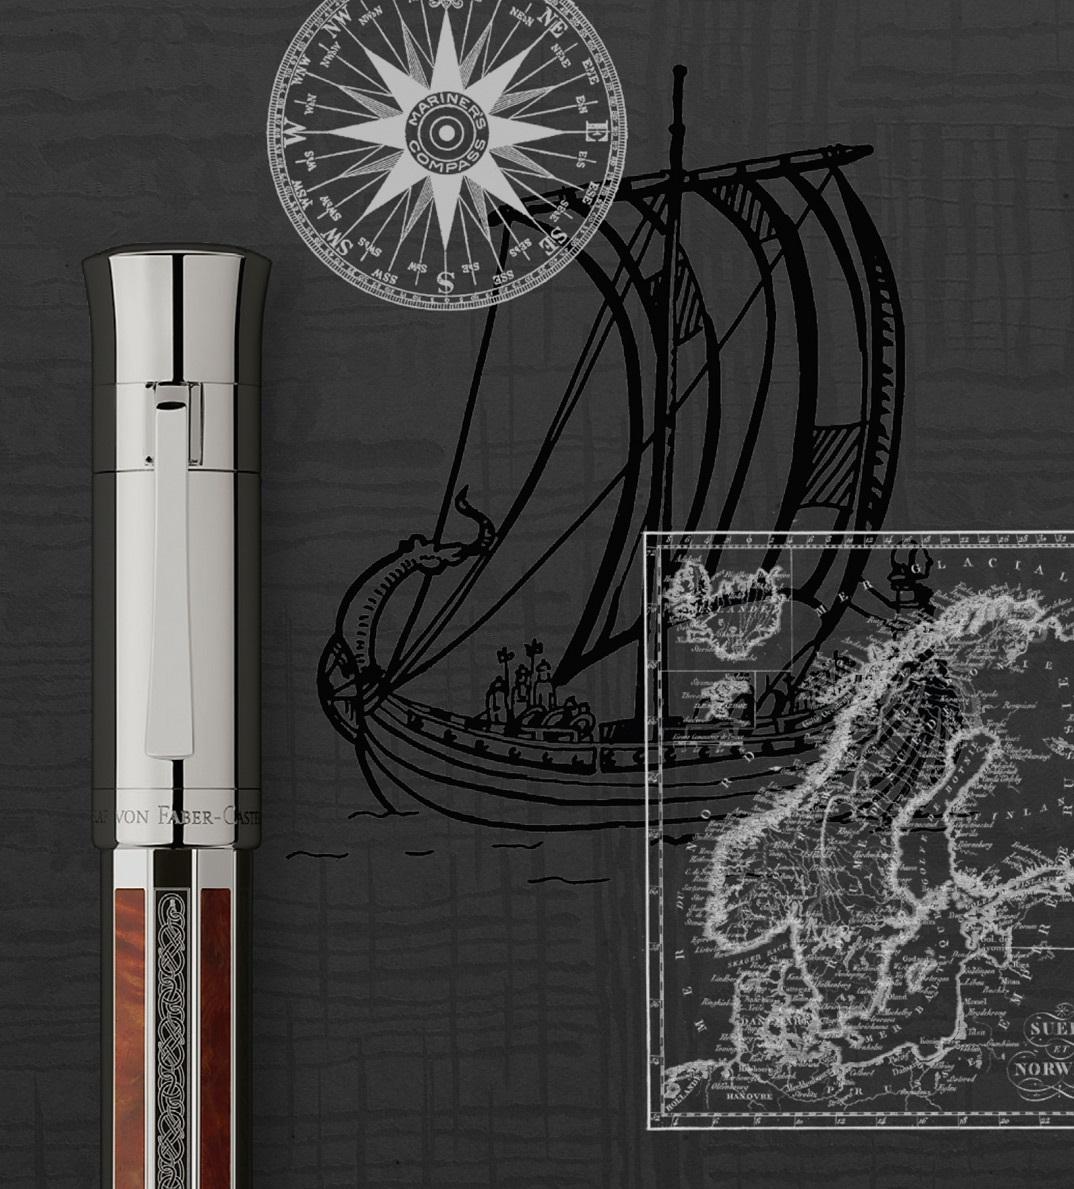 Garf von Faber-Castell - Pen of the Year 2017 - Wikinger - Füllhalter und Boot